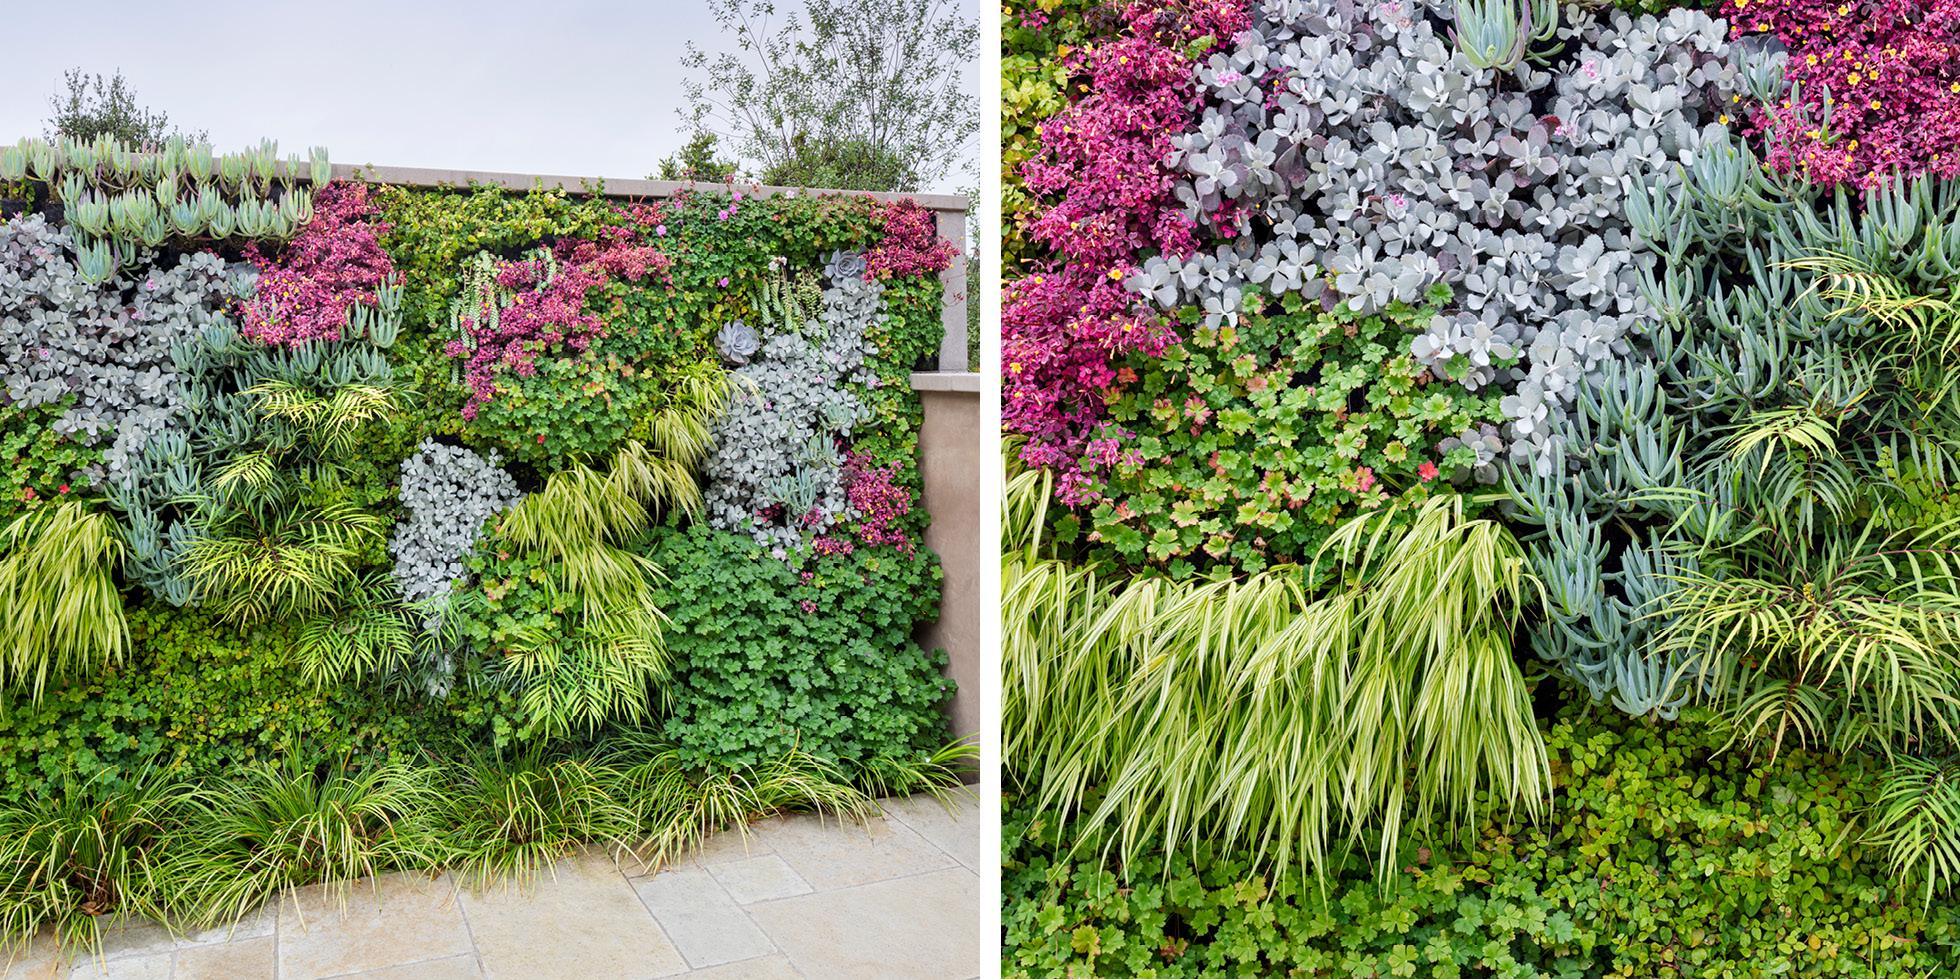 La Senda Road Living Wall by Habitat Horticulture - View 2